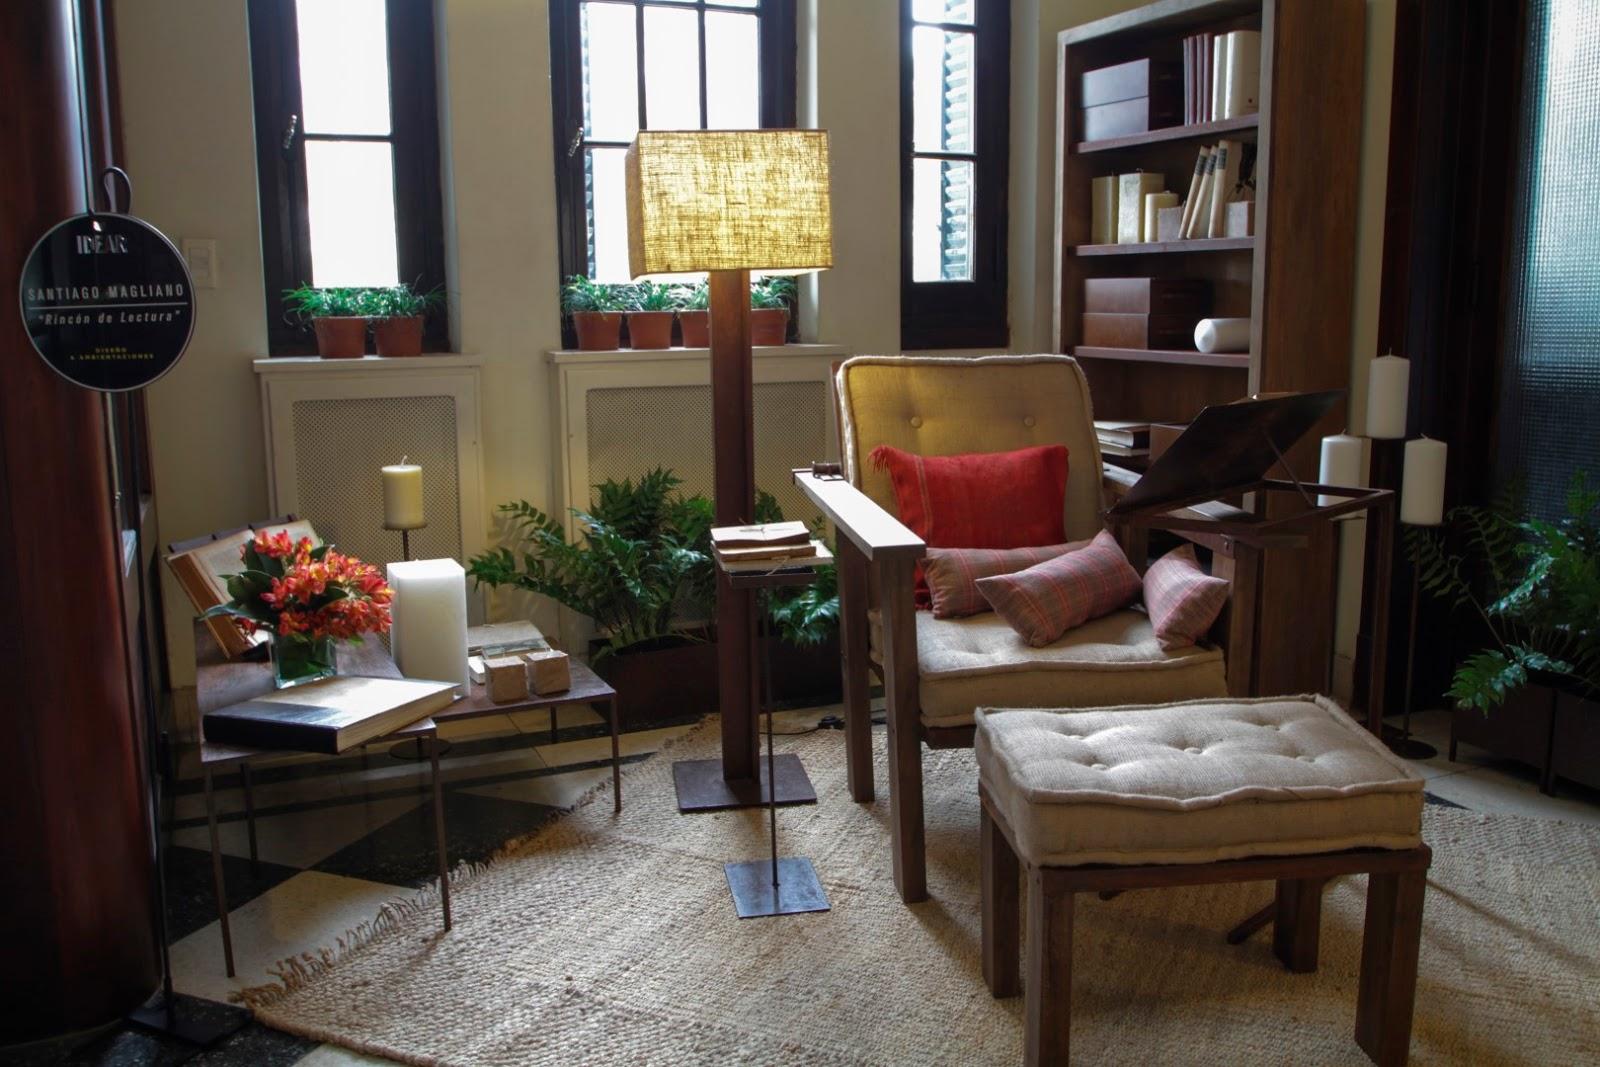 Idear La Plata El Blog De El Marques  # San Ceferino Muebles